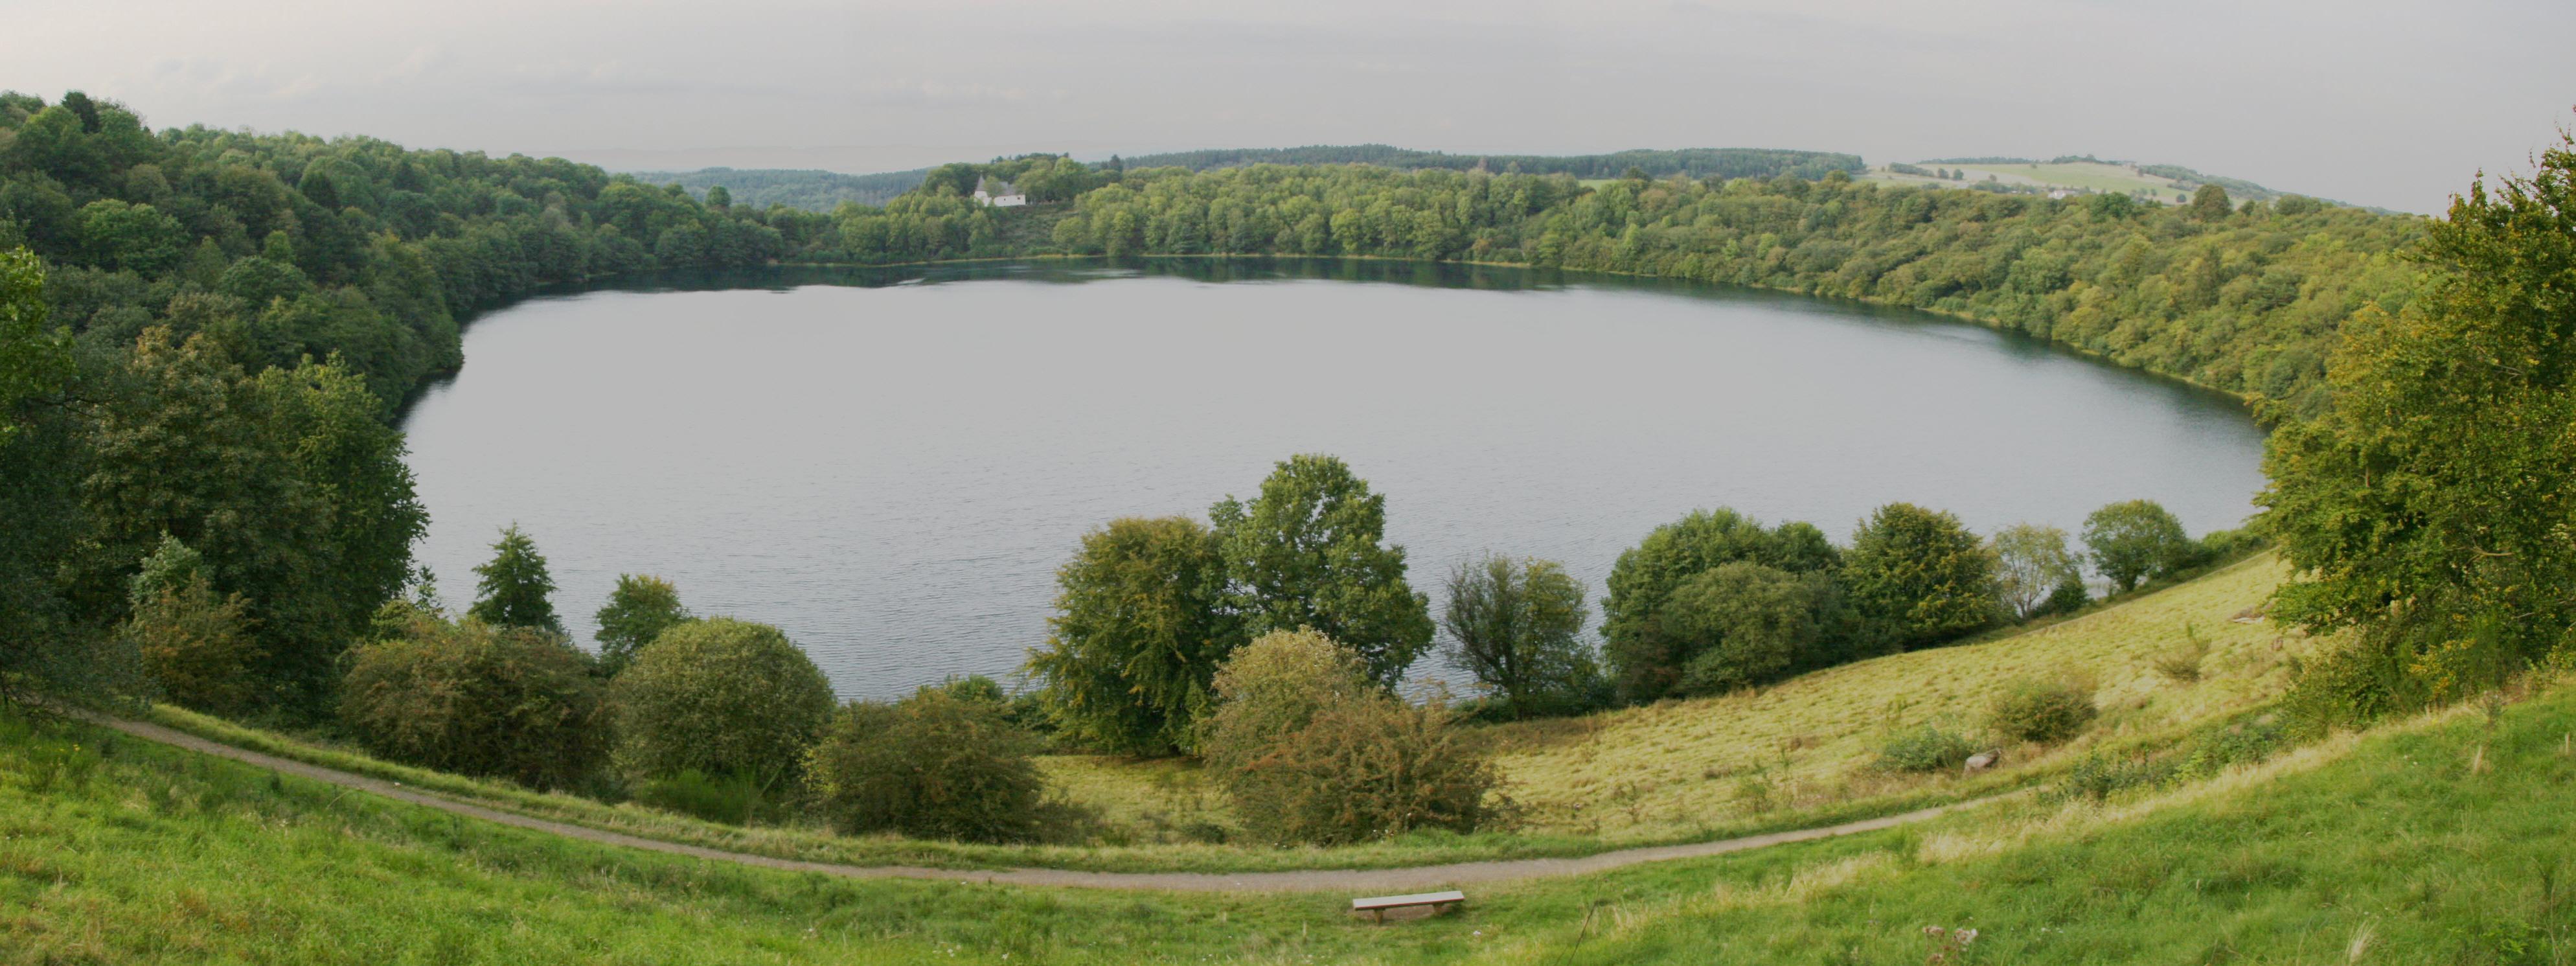 File:Totenmaar weinfelder maar eifel.jpg - Wikimedia Commons